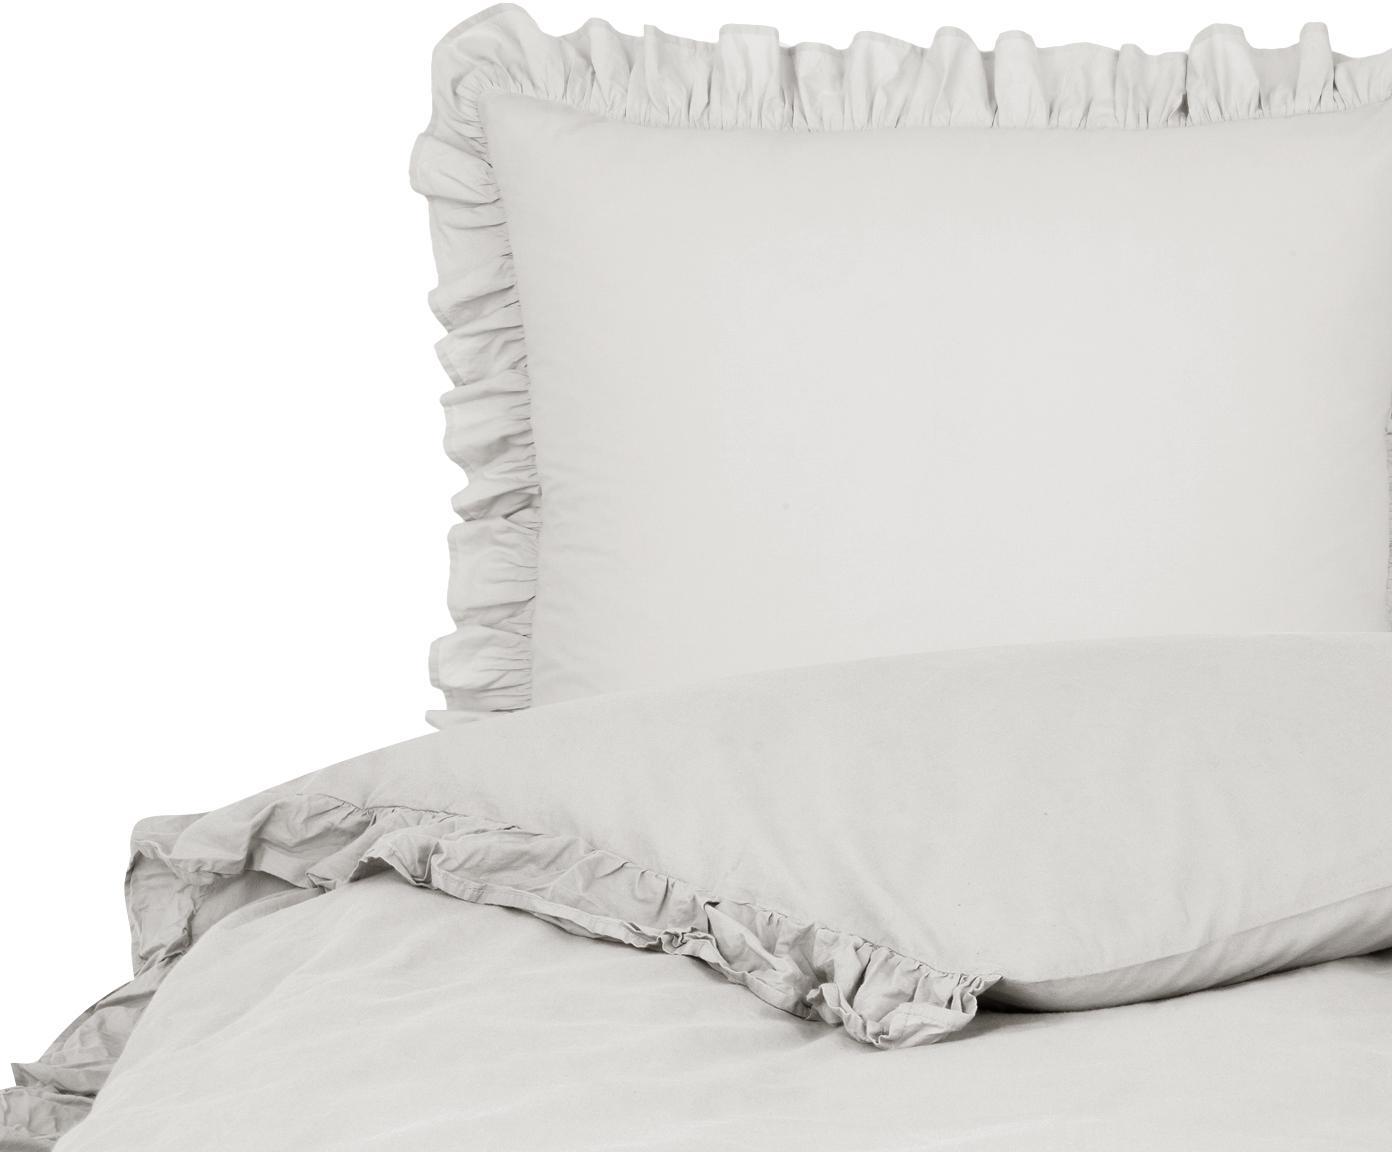 Gewaschene Baumwoll-Bettwäsche Florence mit Rüschen, Webart: Perkal Fadendichte 180 TC, Hellgrau, 135 x 200 cm + 1 Kissen 80 x 80 cm